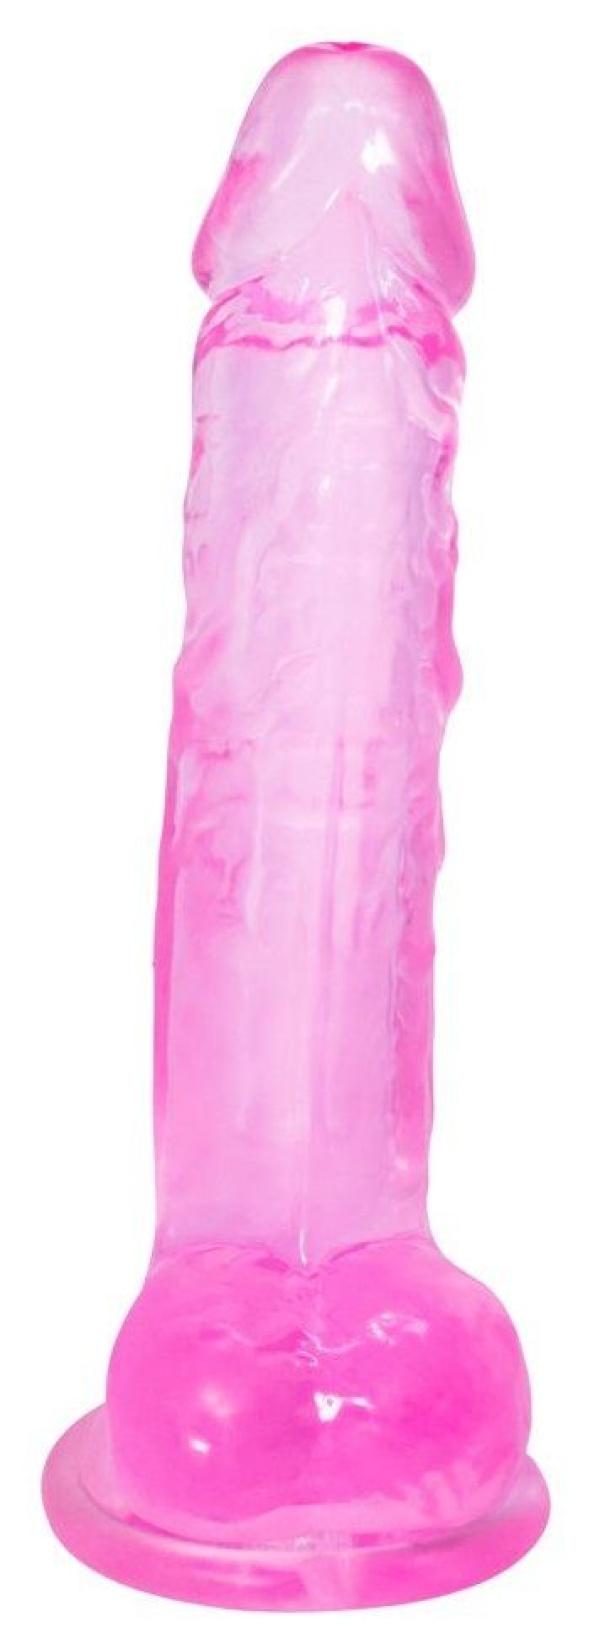 Розовый фаллоимитатор Rocket - 19 см.